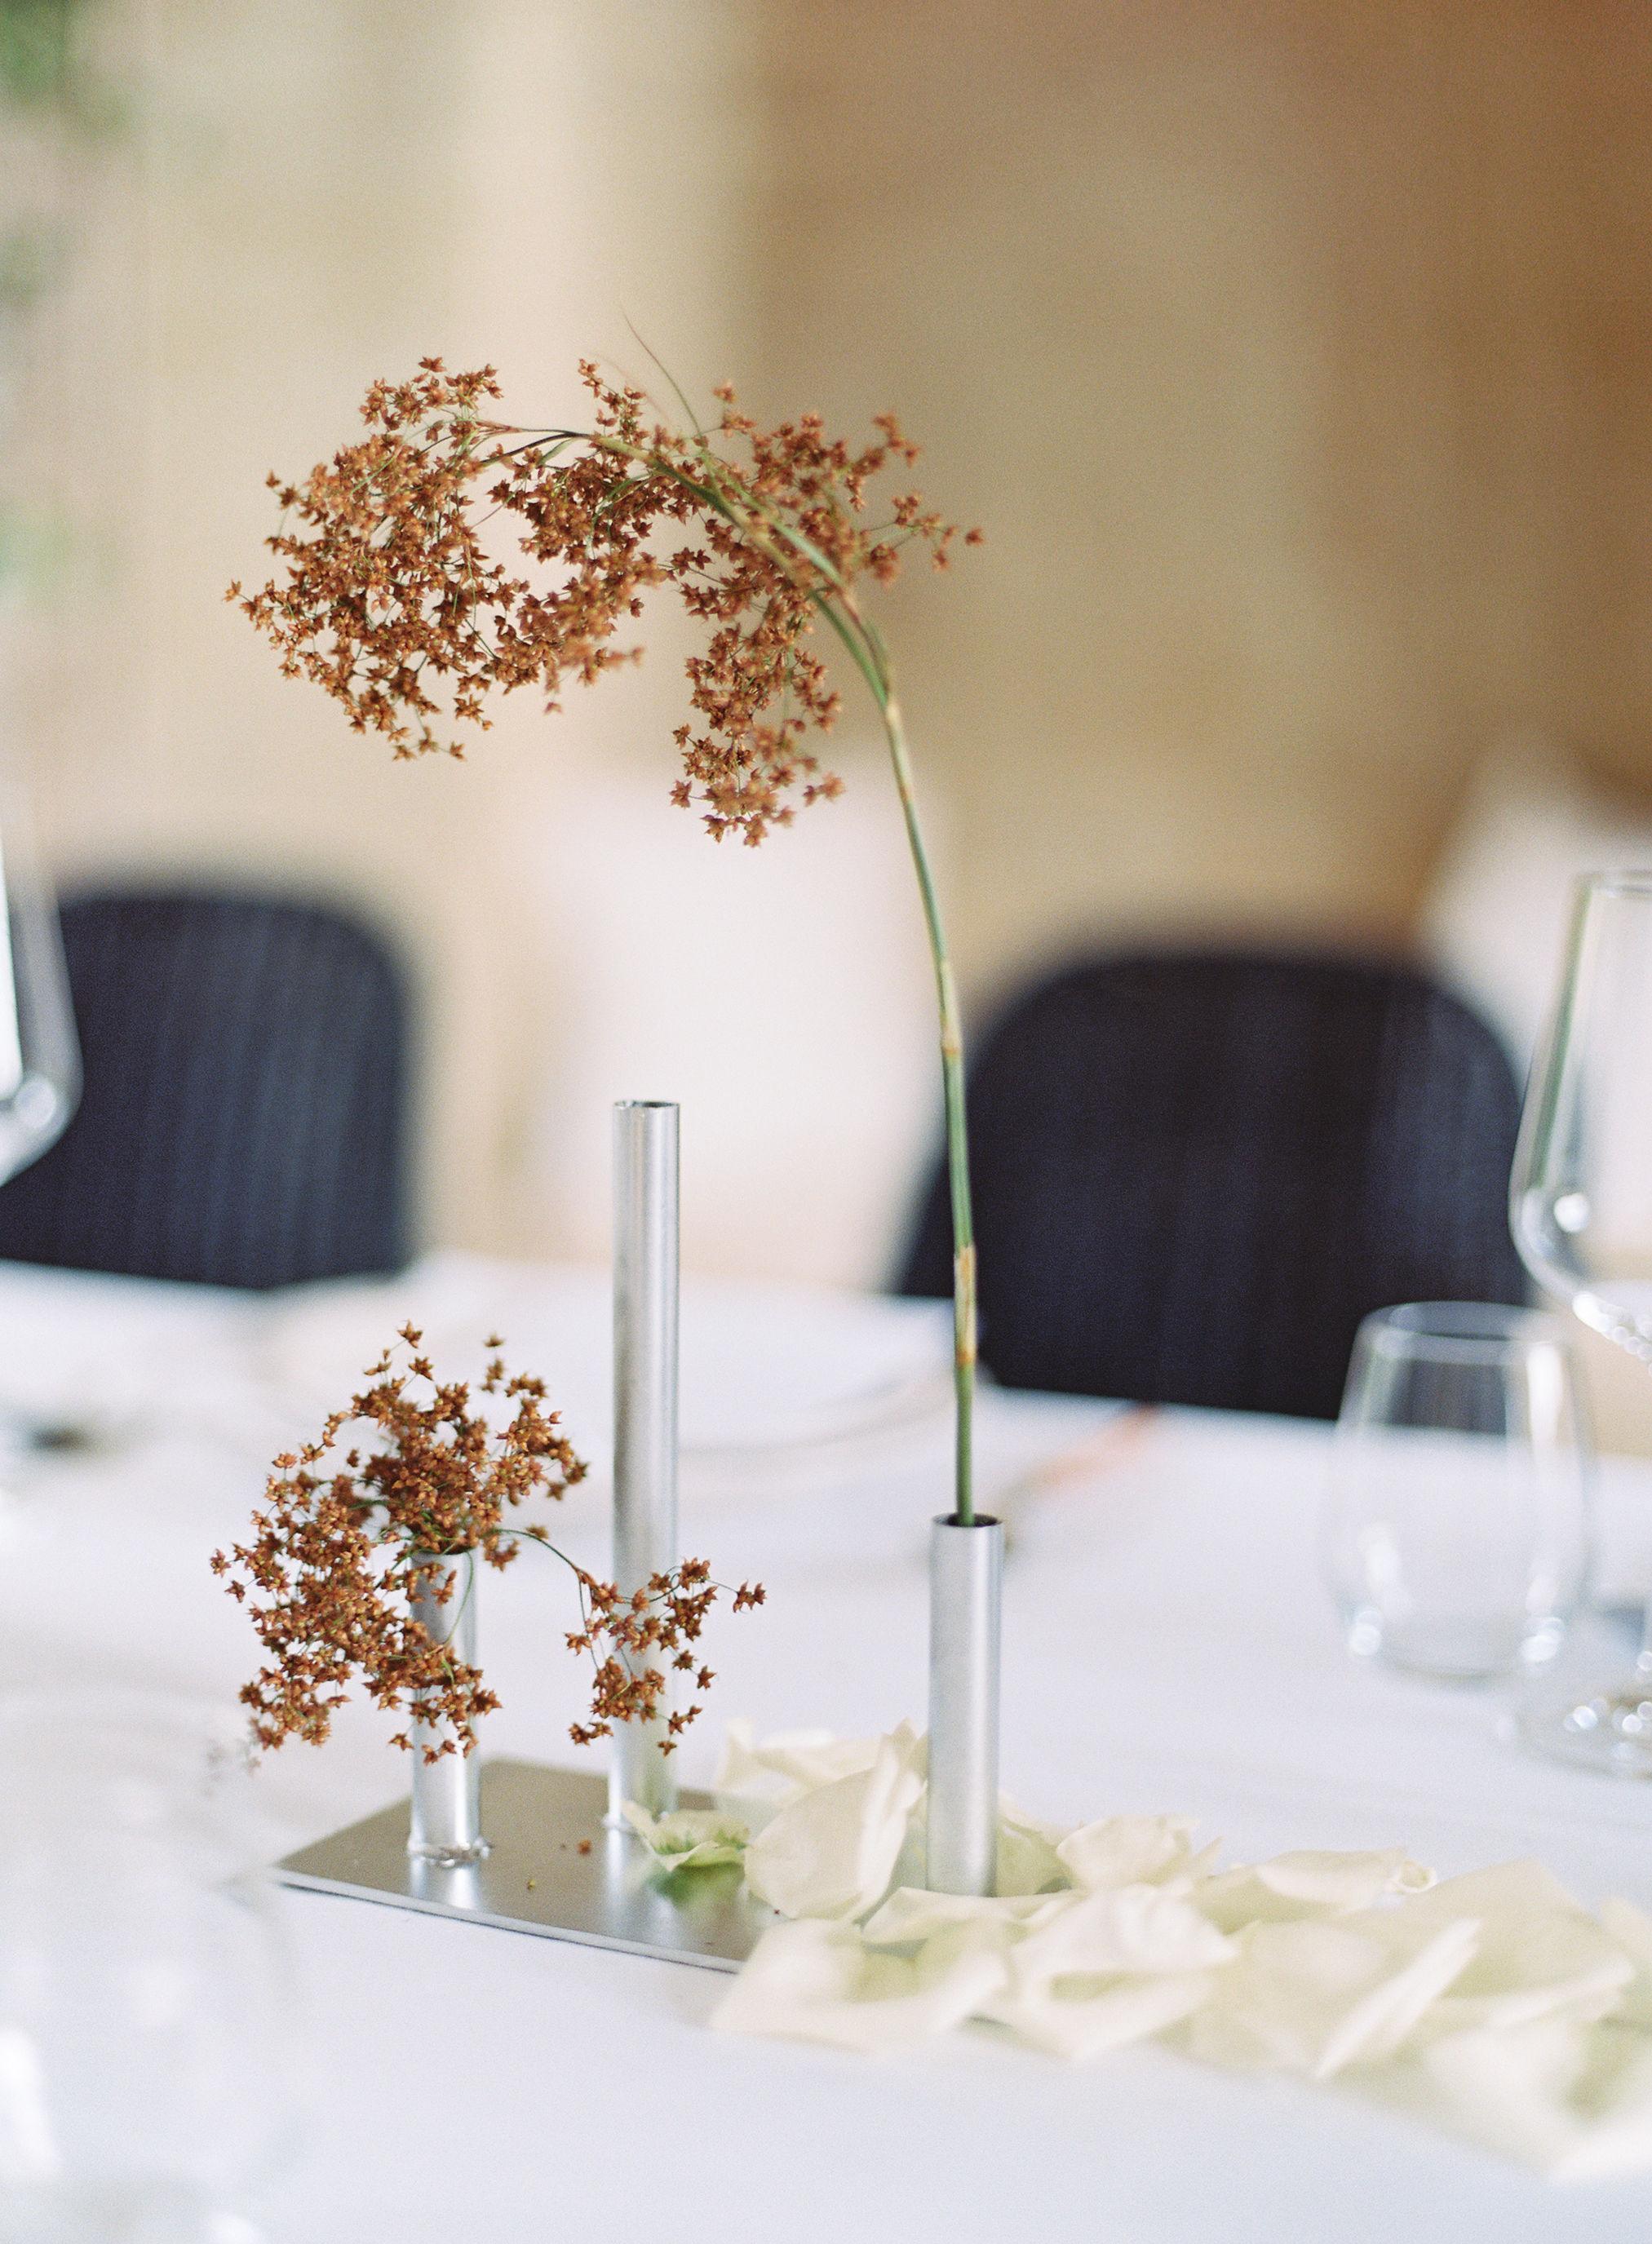 Bloodwood Botanica | oaklab design minimal vase design